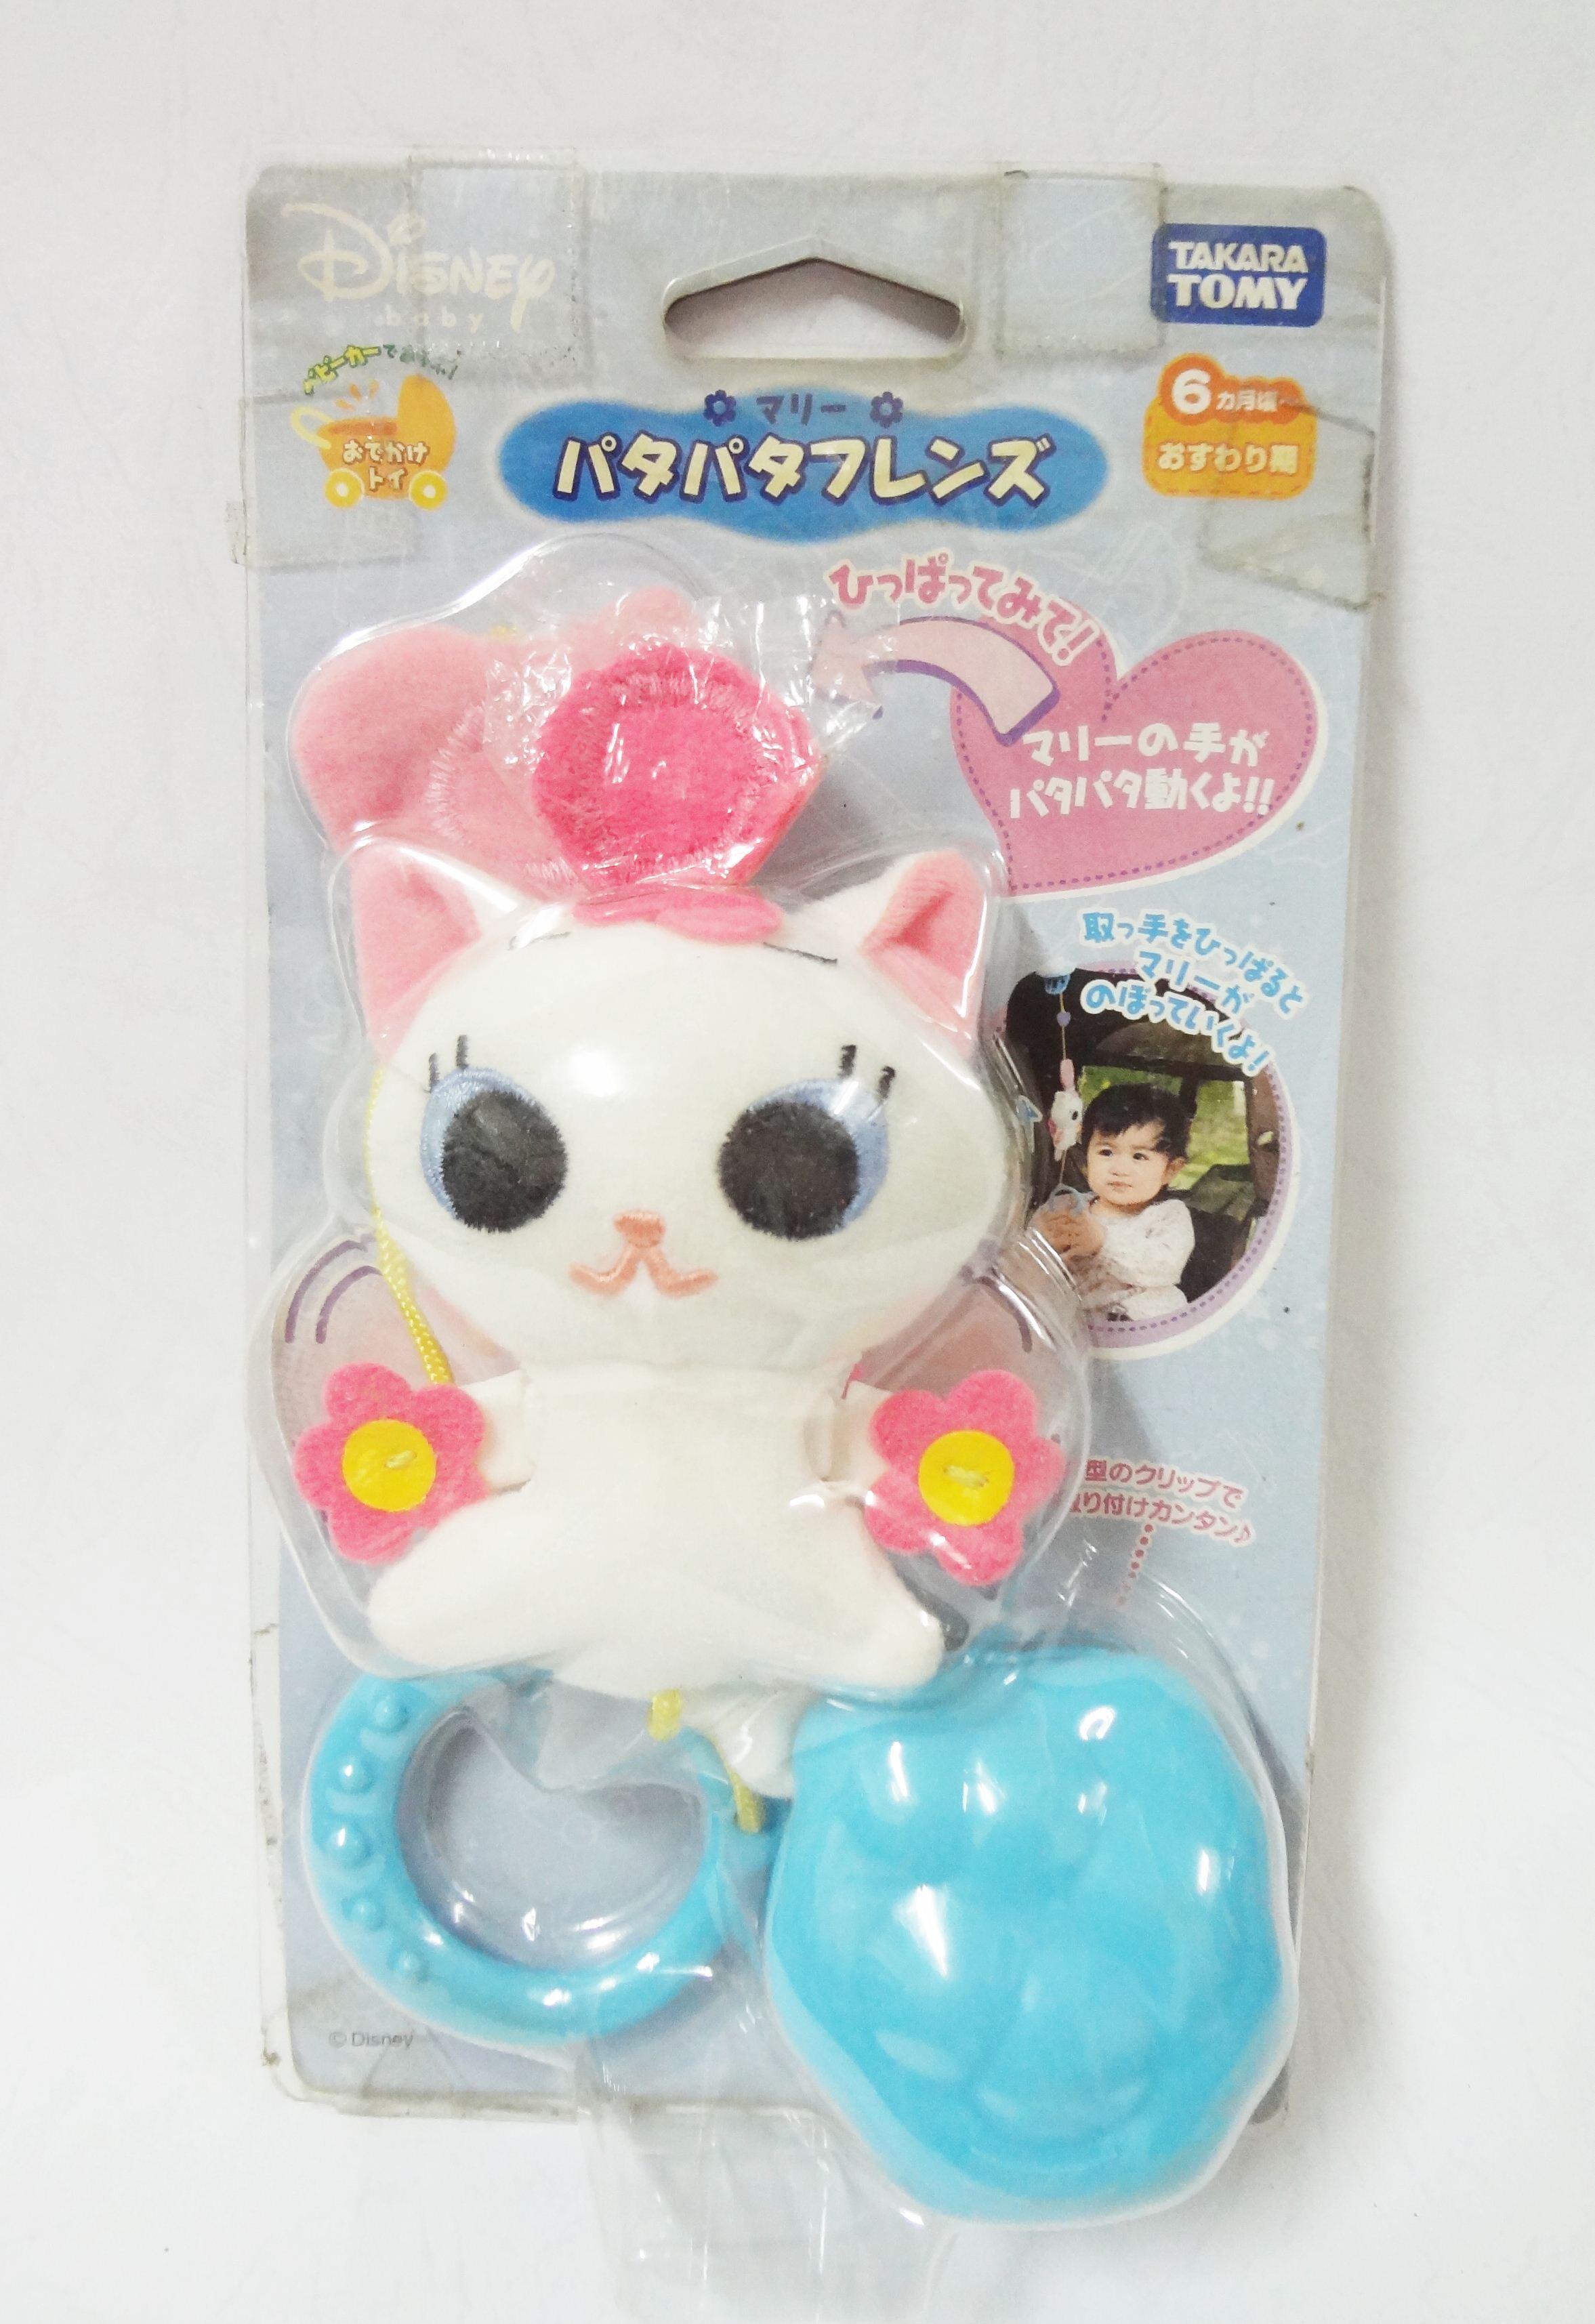 โมบายเสียงเพลงแมวแมรี่ ของ TAKARA TOMY